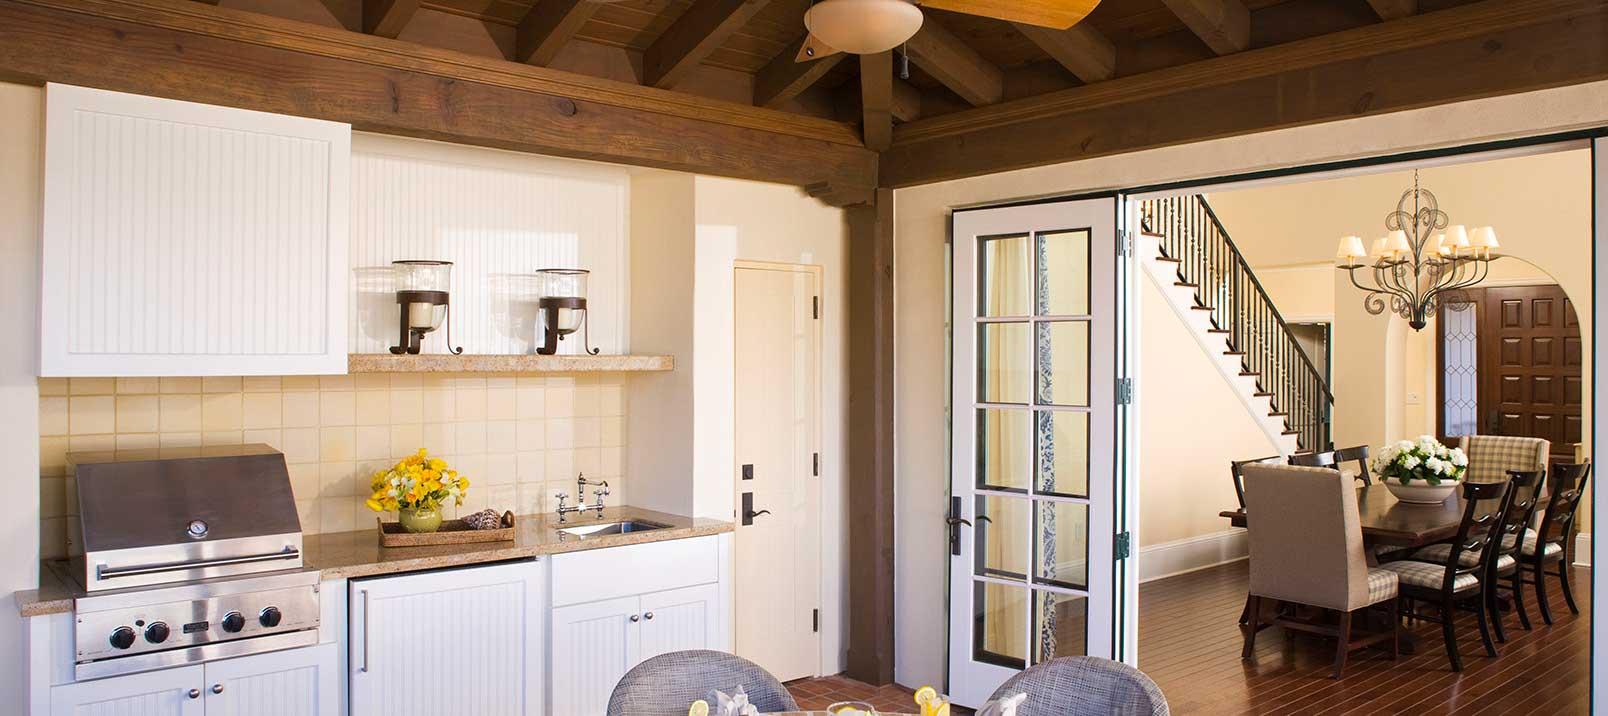 er-residence-header-disp-residence-sea-island-cloister-cottage-9xx-7.jpg